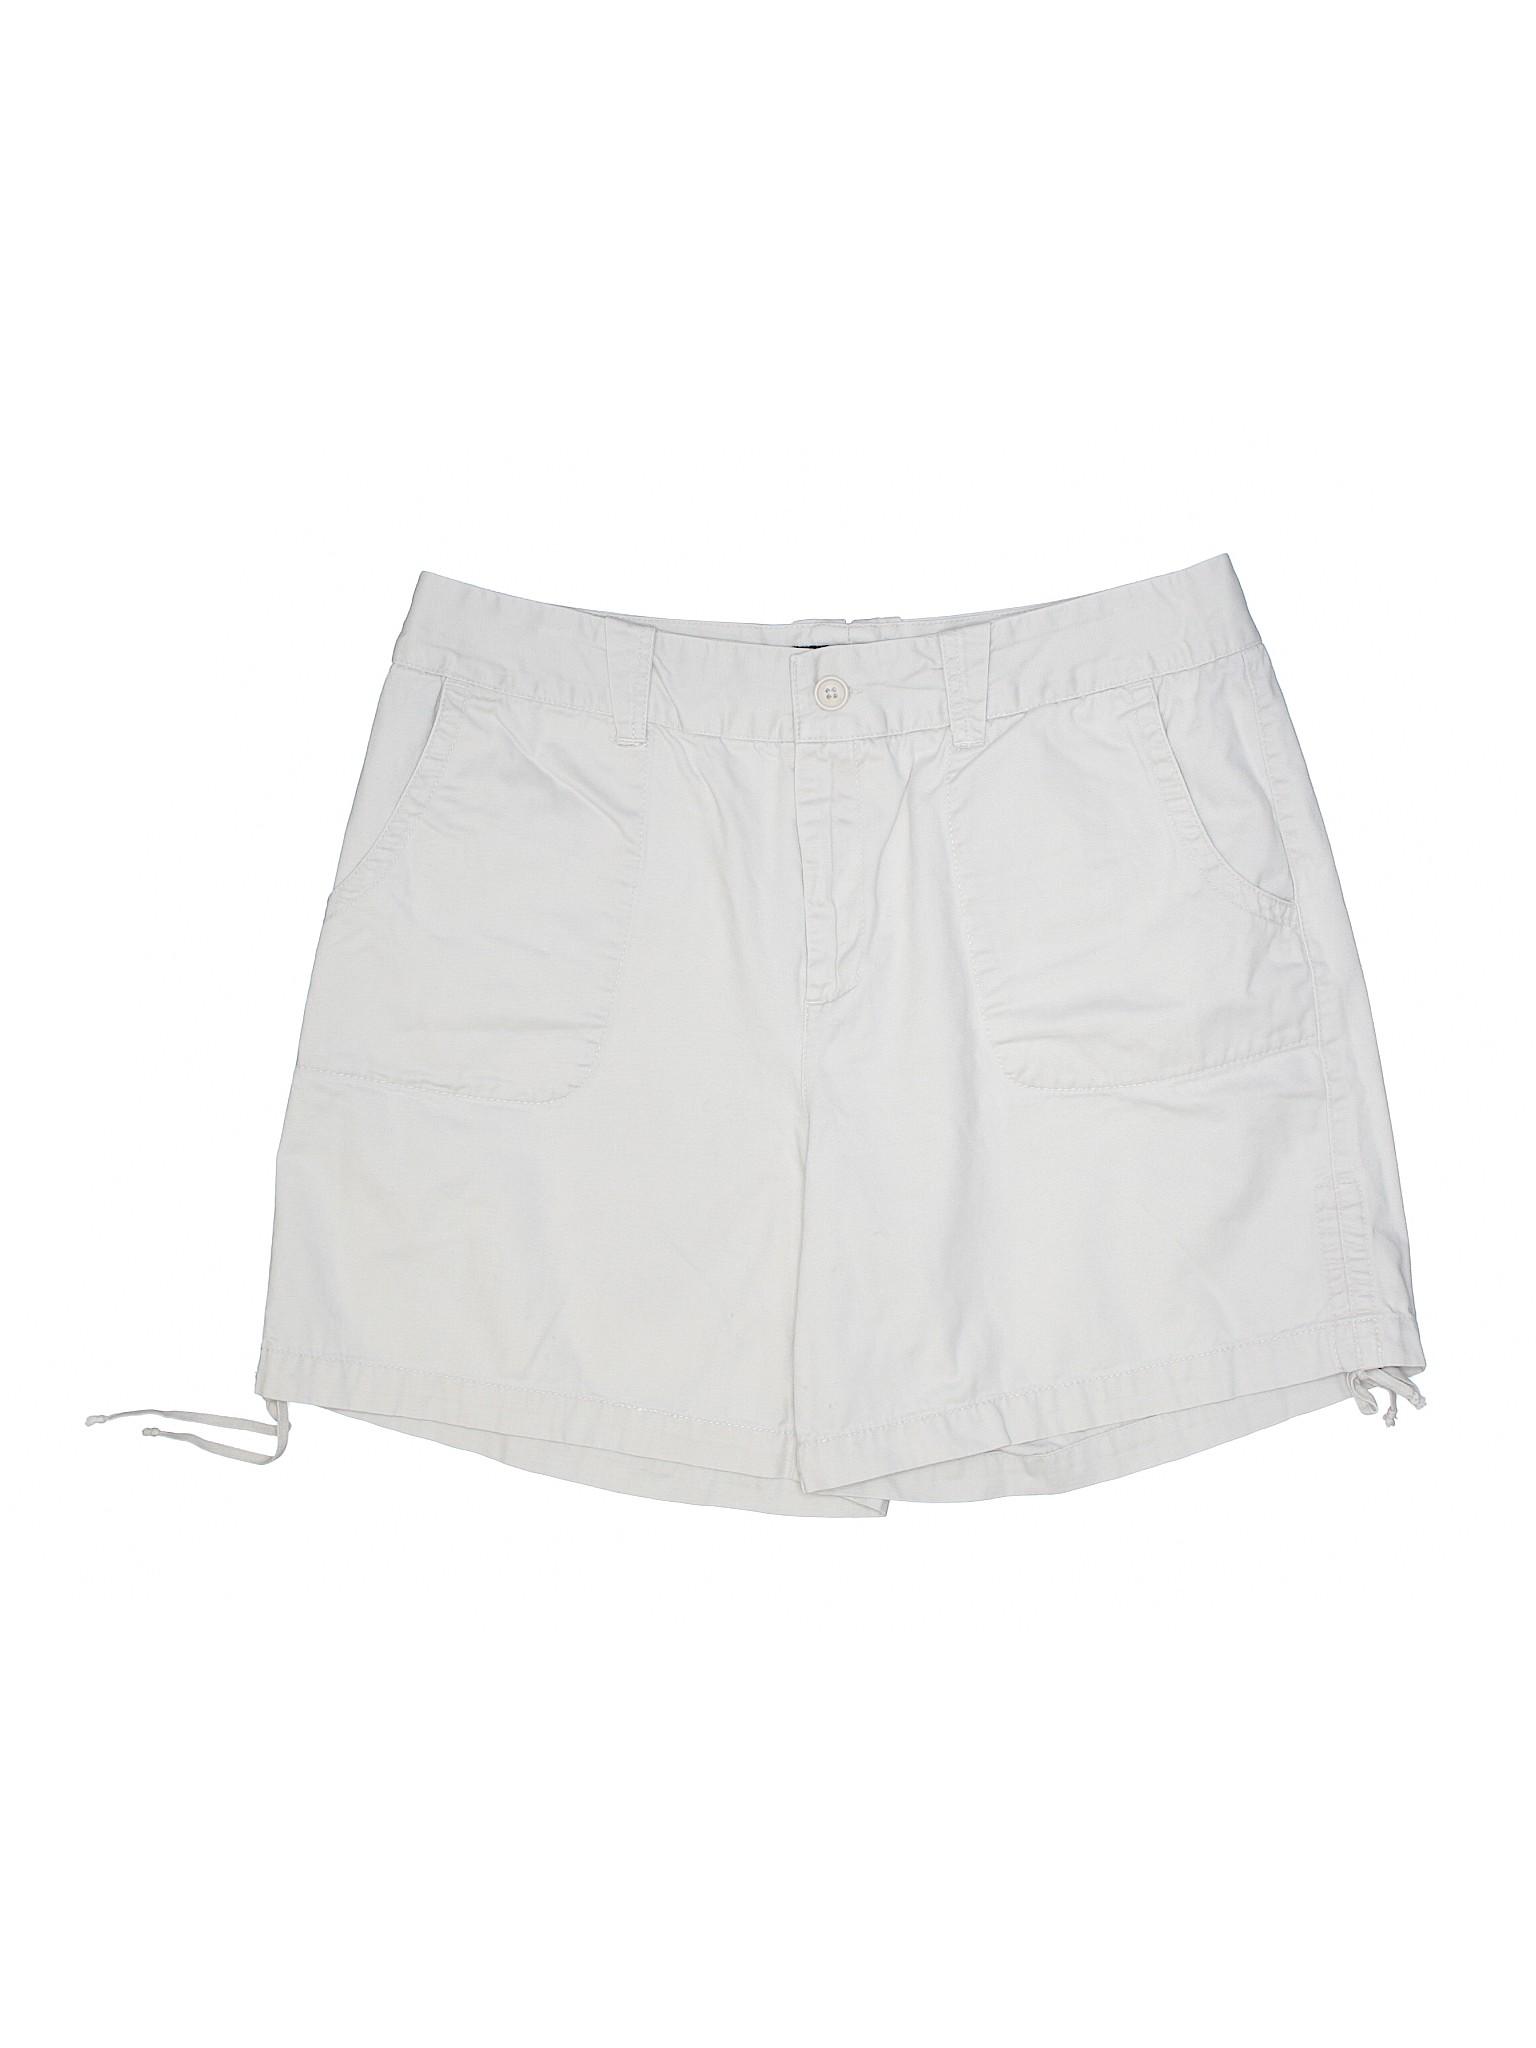 Khaki Boutique Jann Boutique Shorts Jamaica Jamaica ZPInYTxY